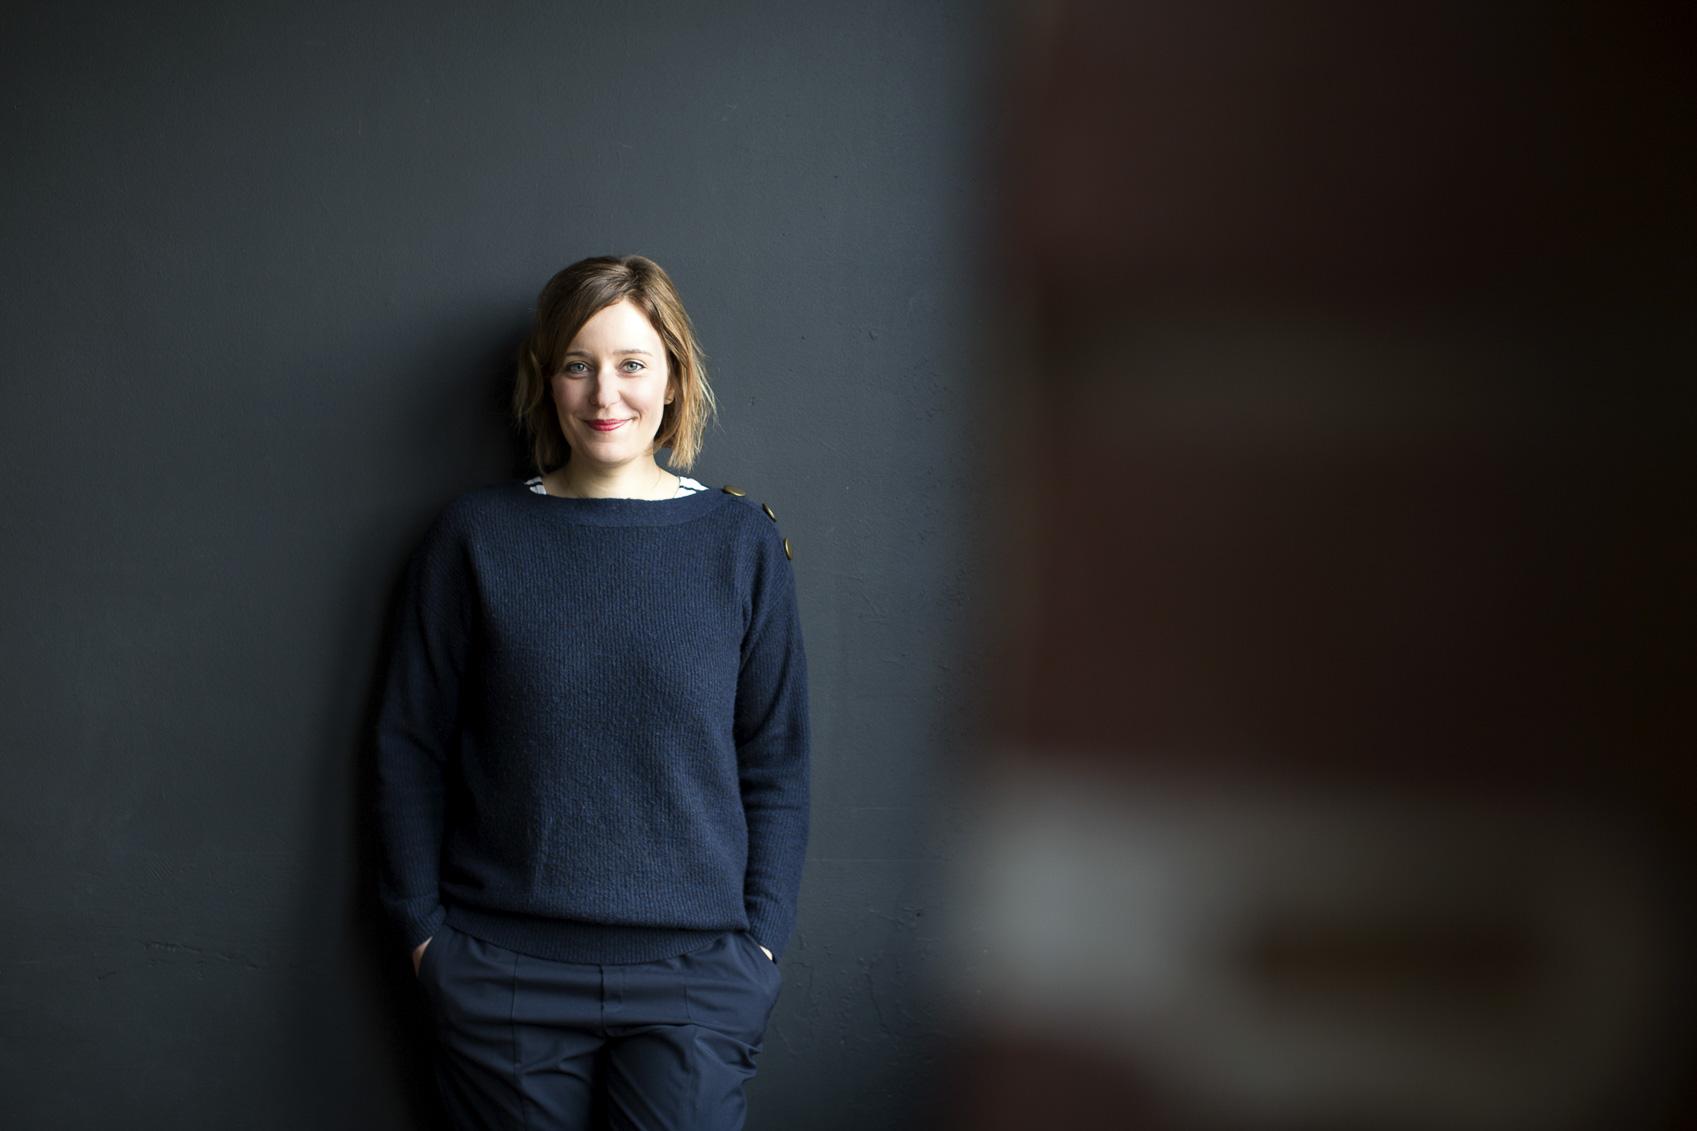 Businessfotos für die logopädische Praxis Ina Kimmel in Dortmund